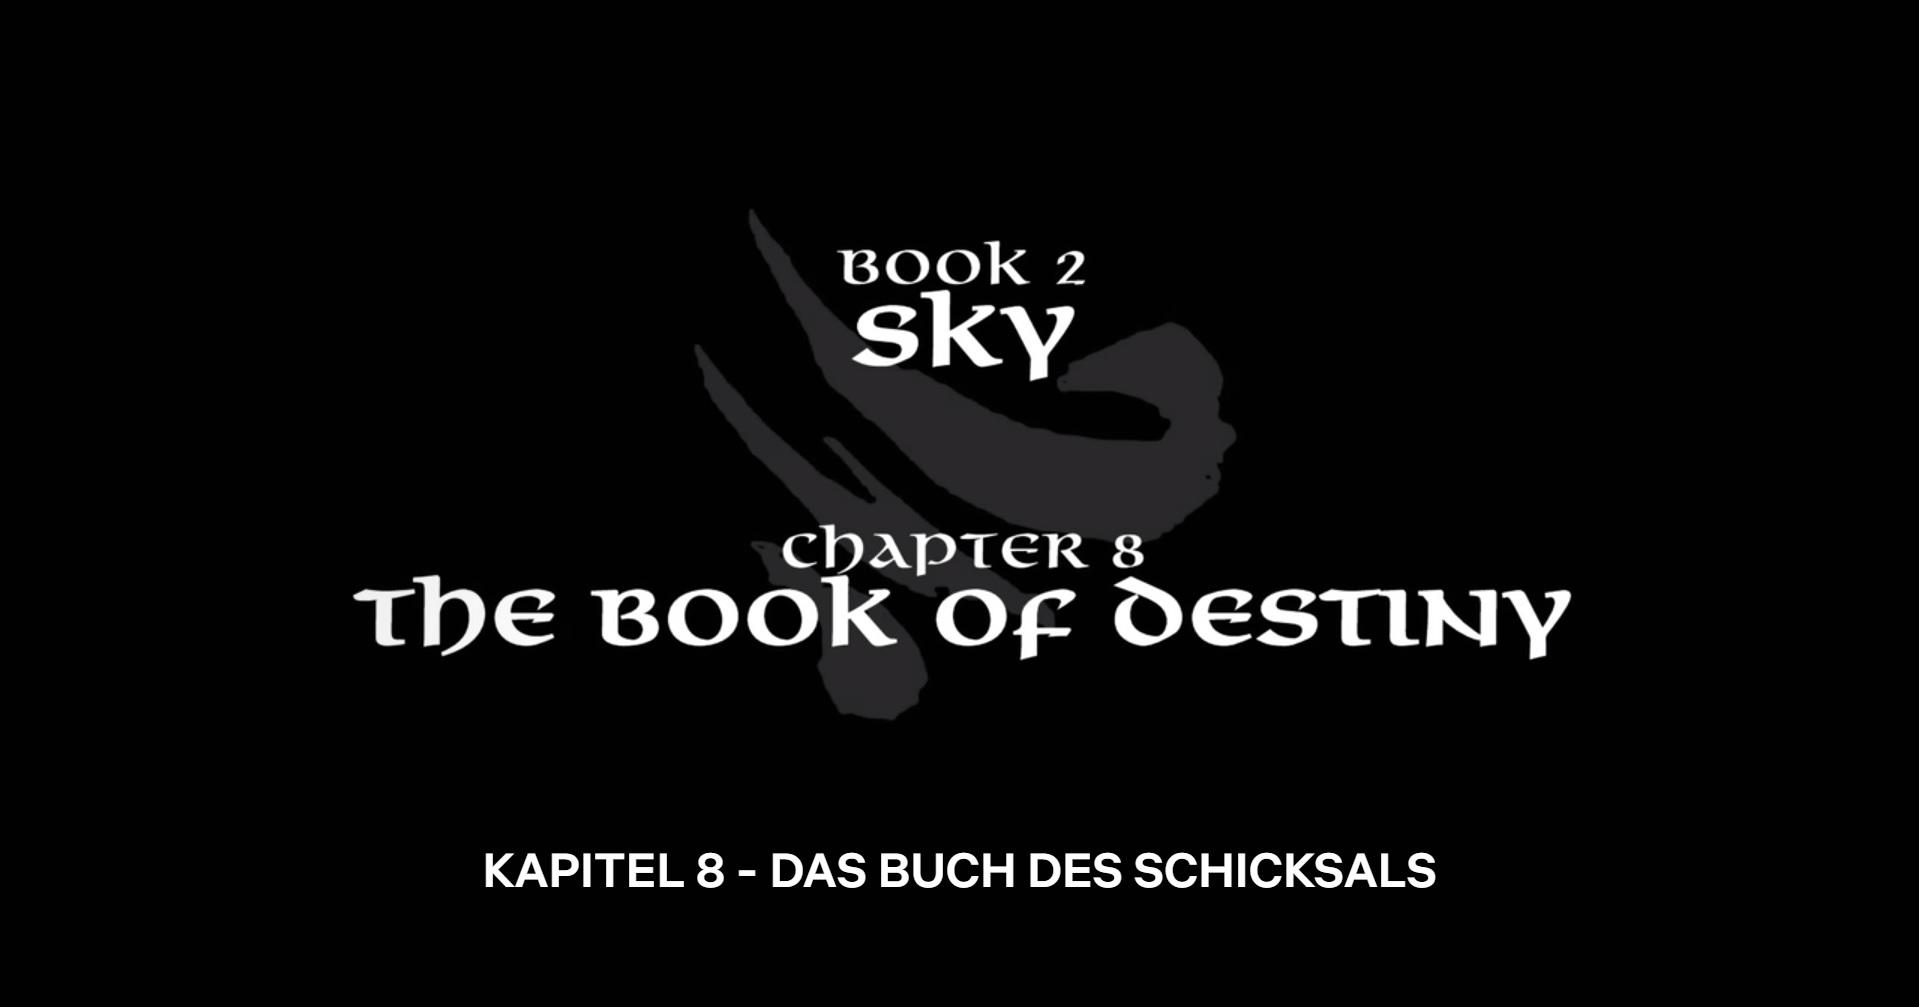 Das Buch des Schicksals